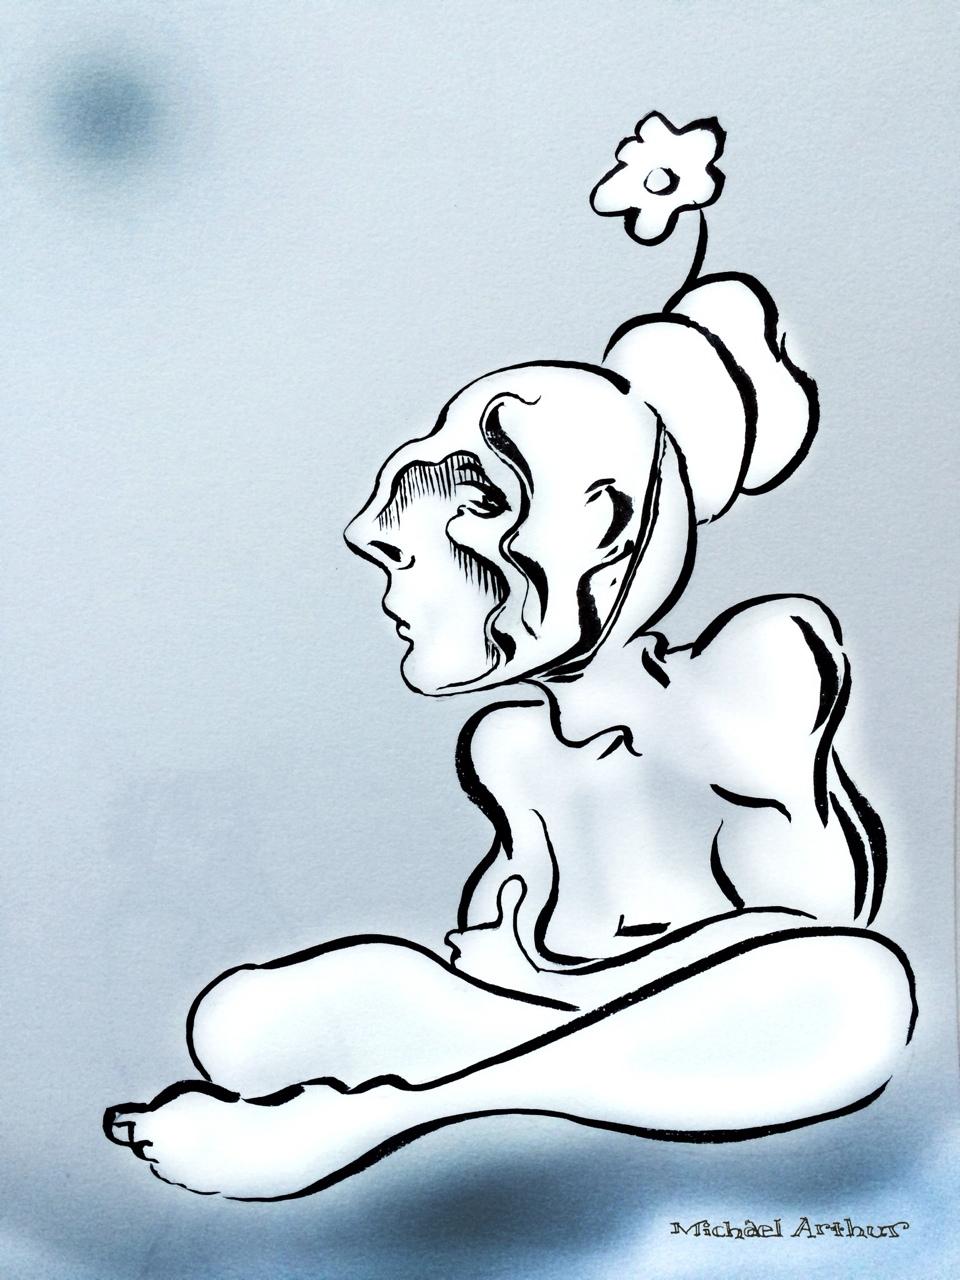 Sketchbook: The Flower Boy.